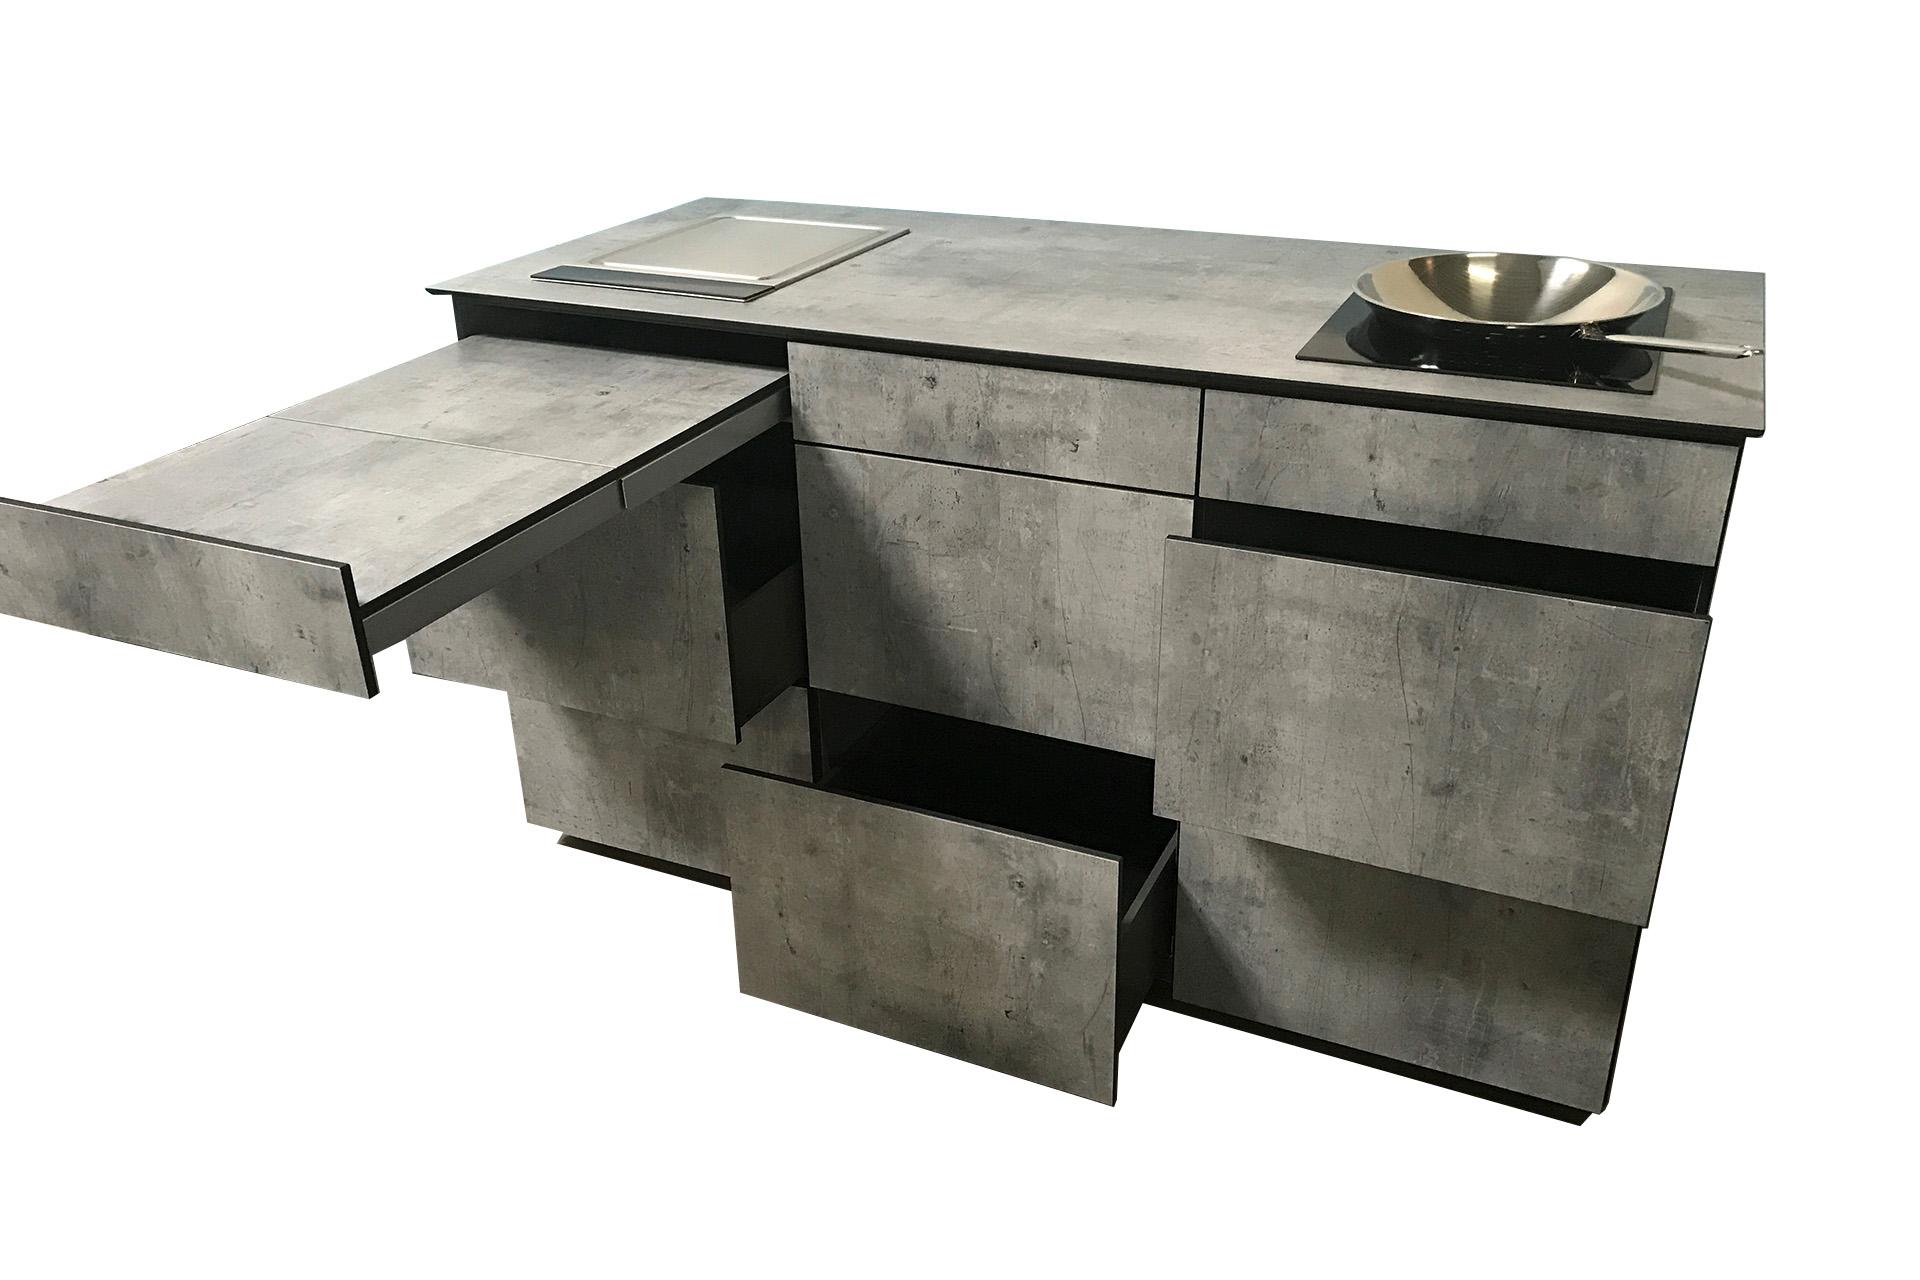 Outdoorküche Gartenküche Außenküche Ausstellungsmodell